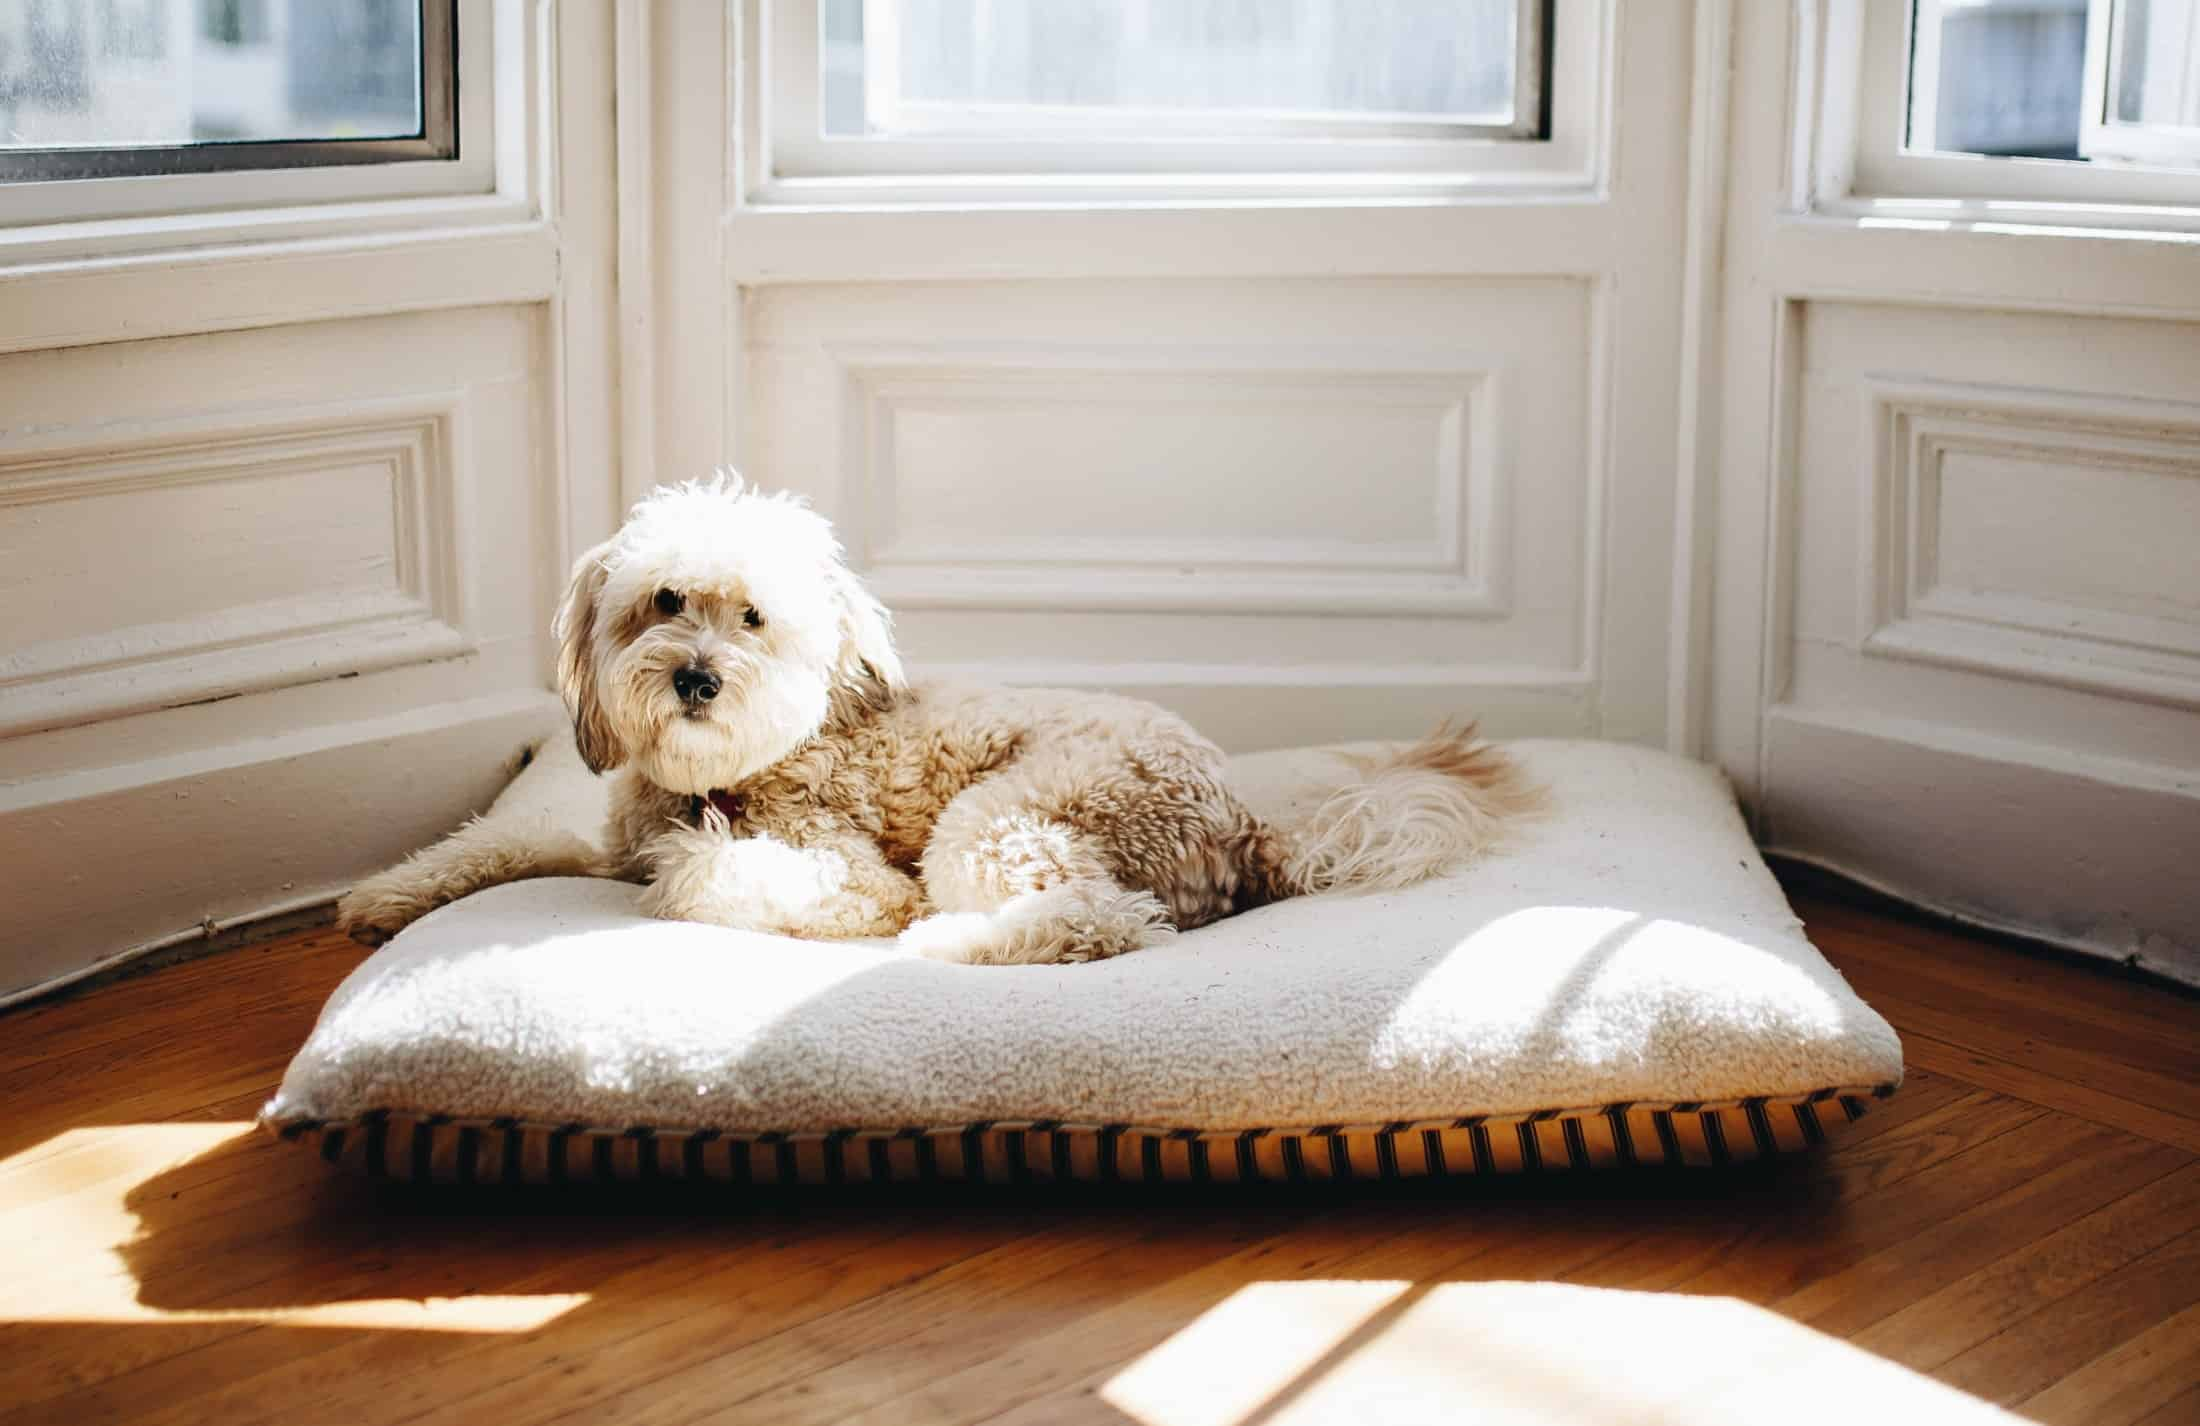 Hundebett: Test & Empfehlungen (01/21)